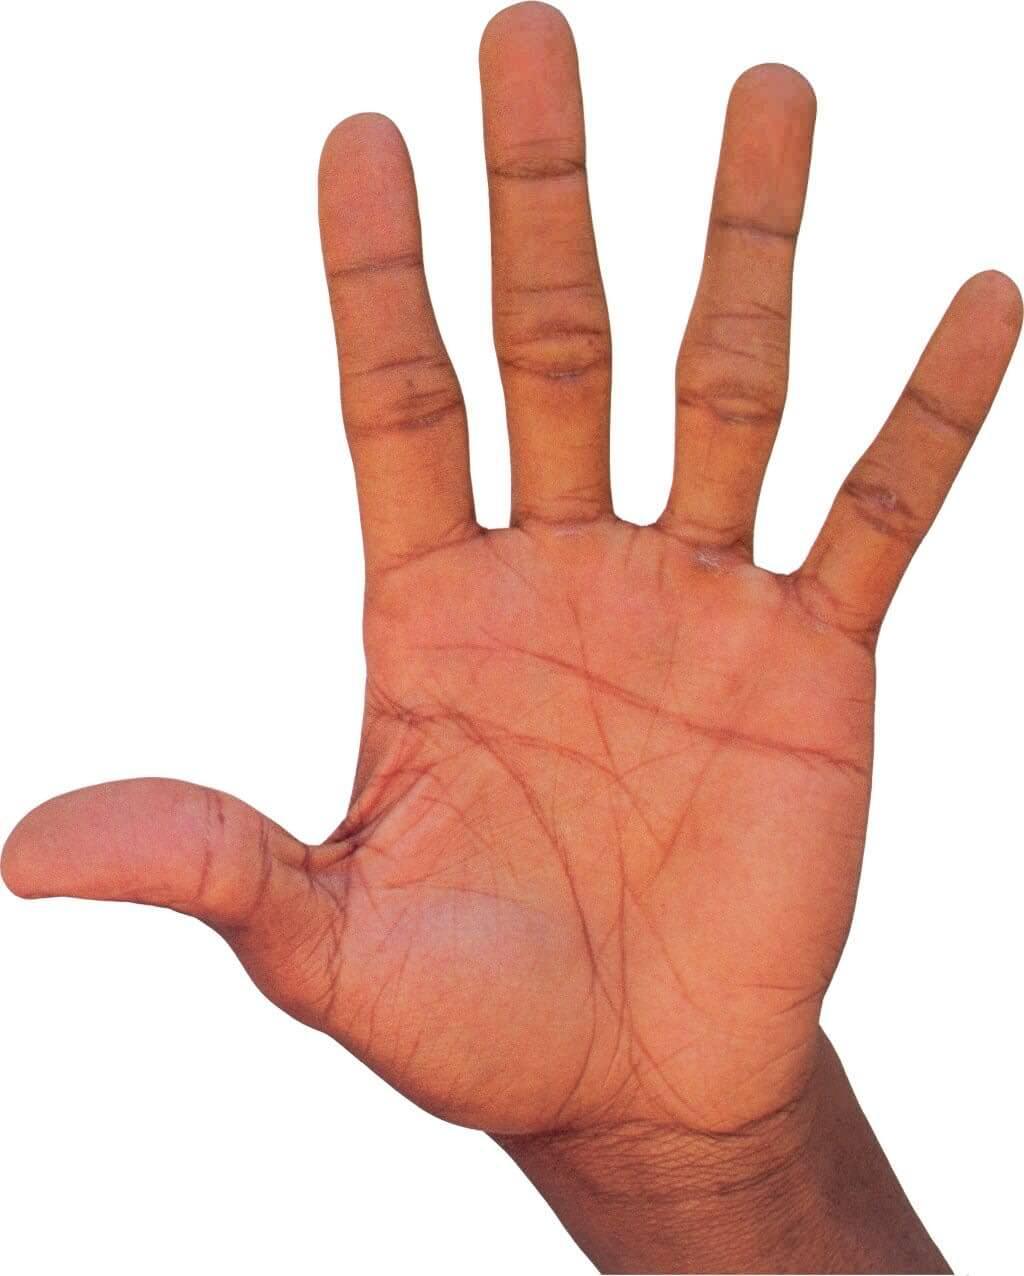 Сухая экзема на руках чем лечить